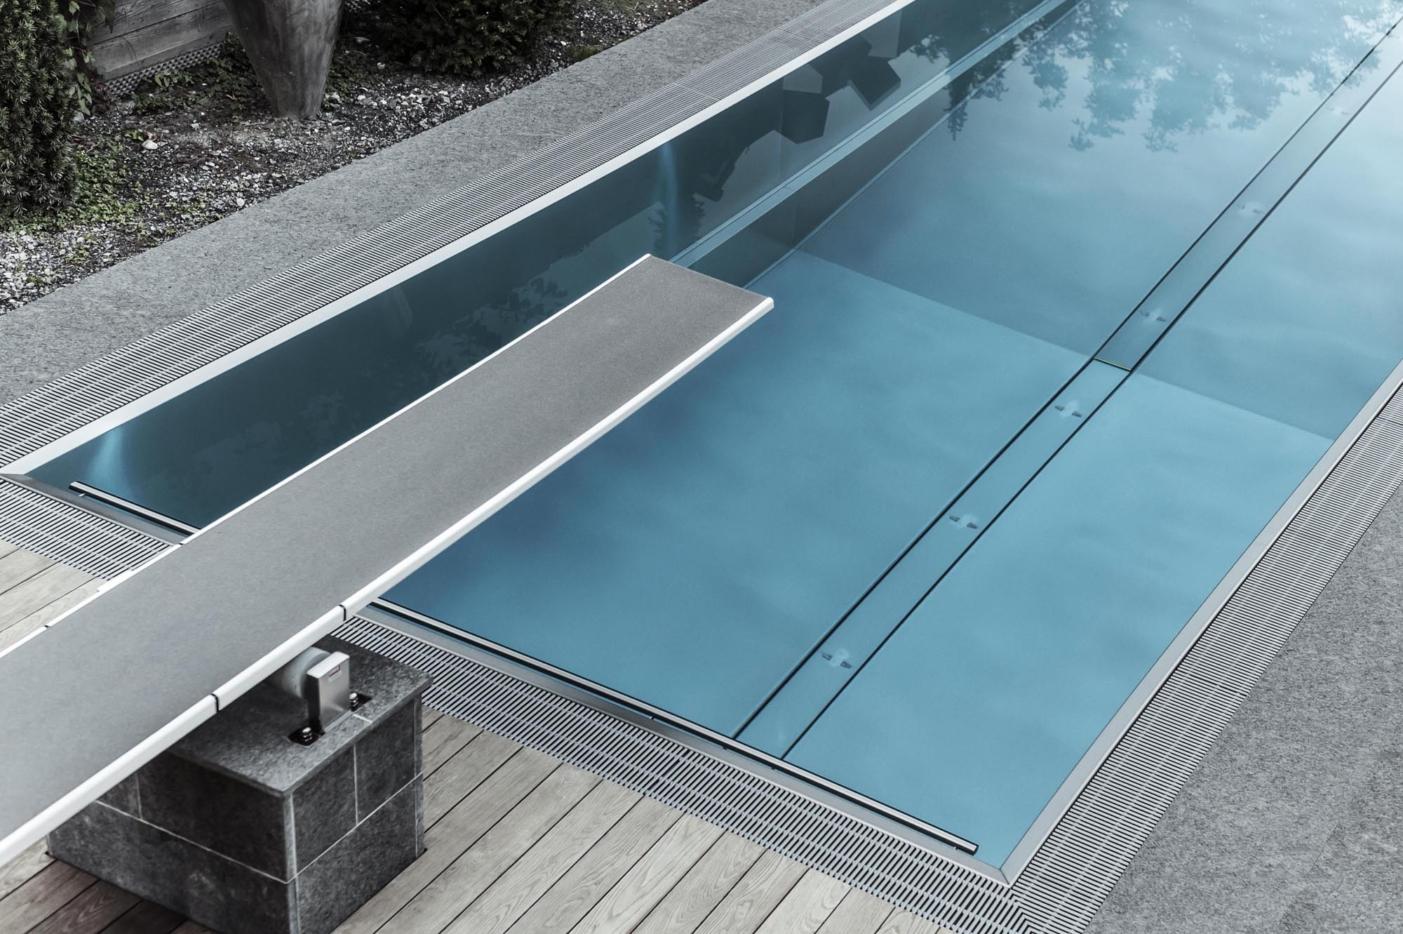 Sprungbrett in Swimming Pool